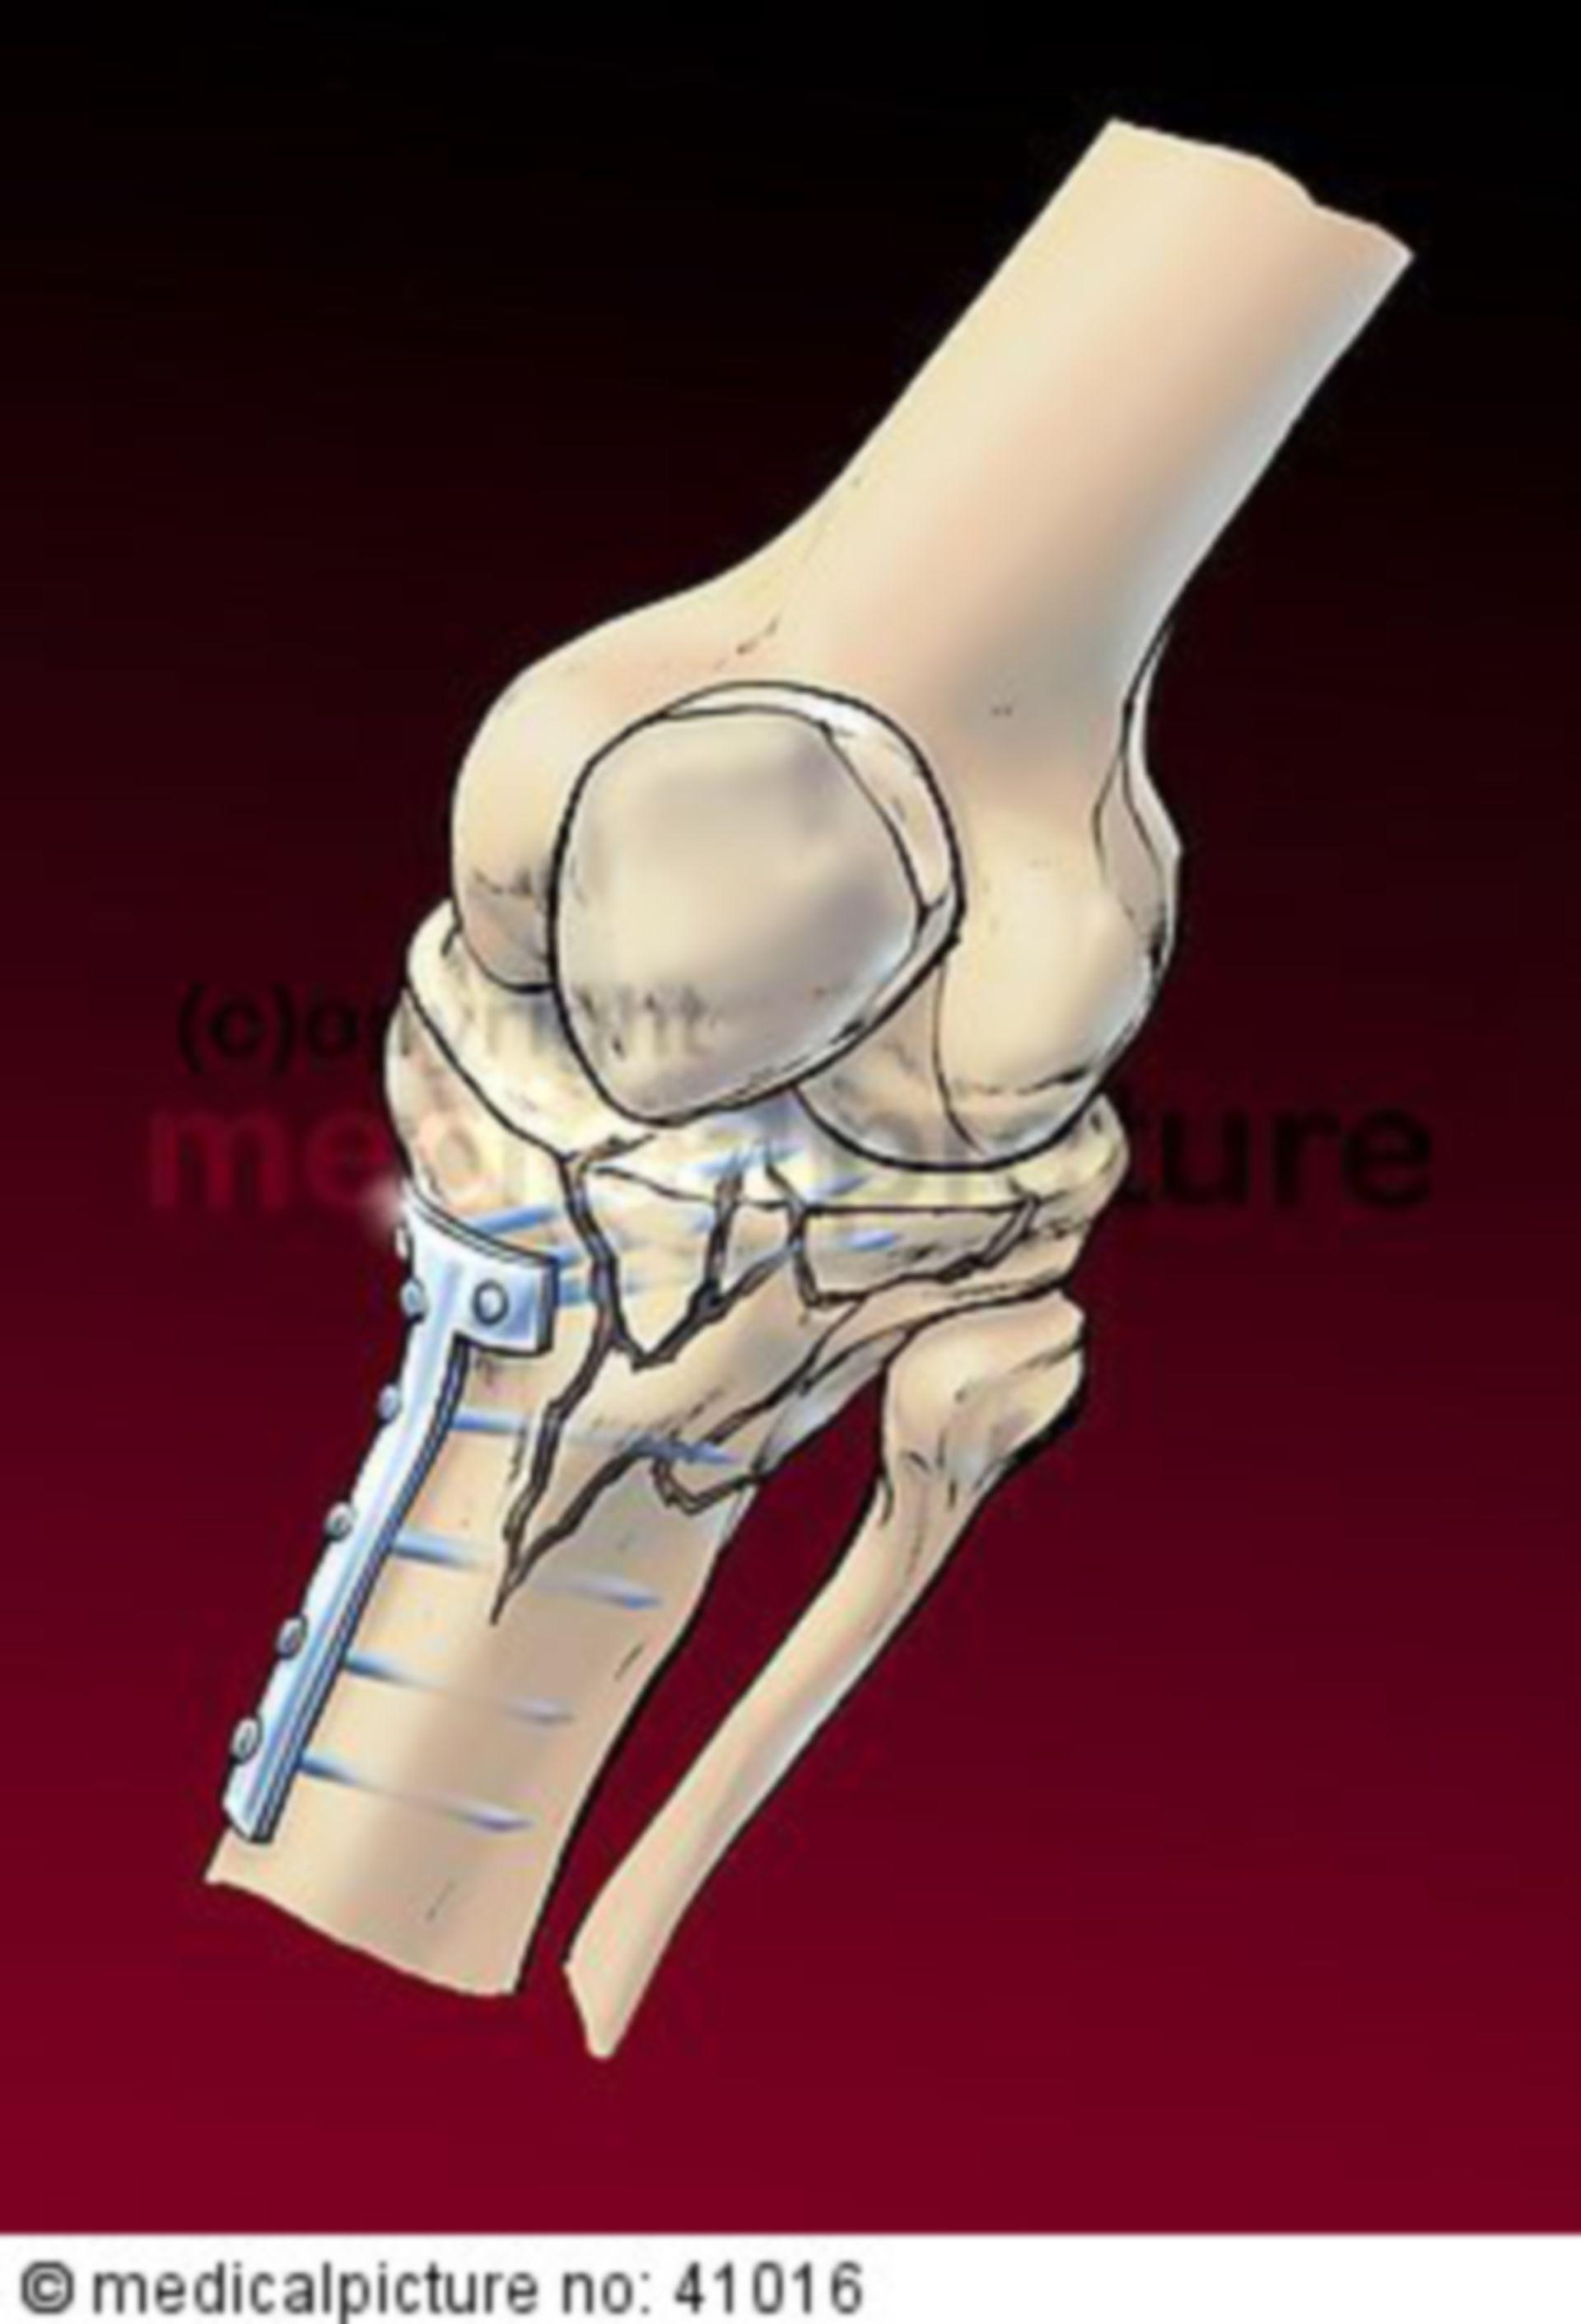 Kniearthrodese, arthrodesis